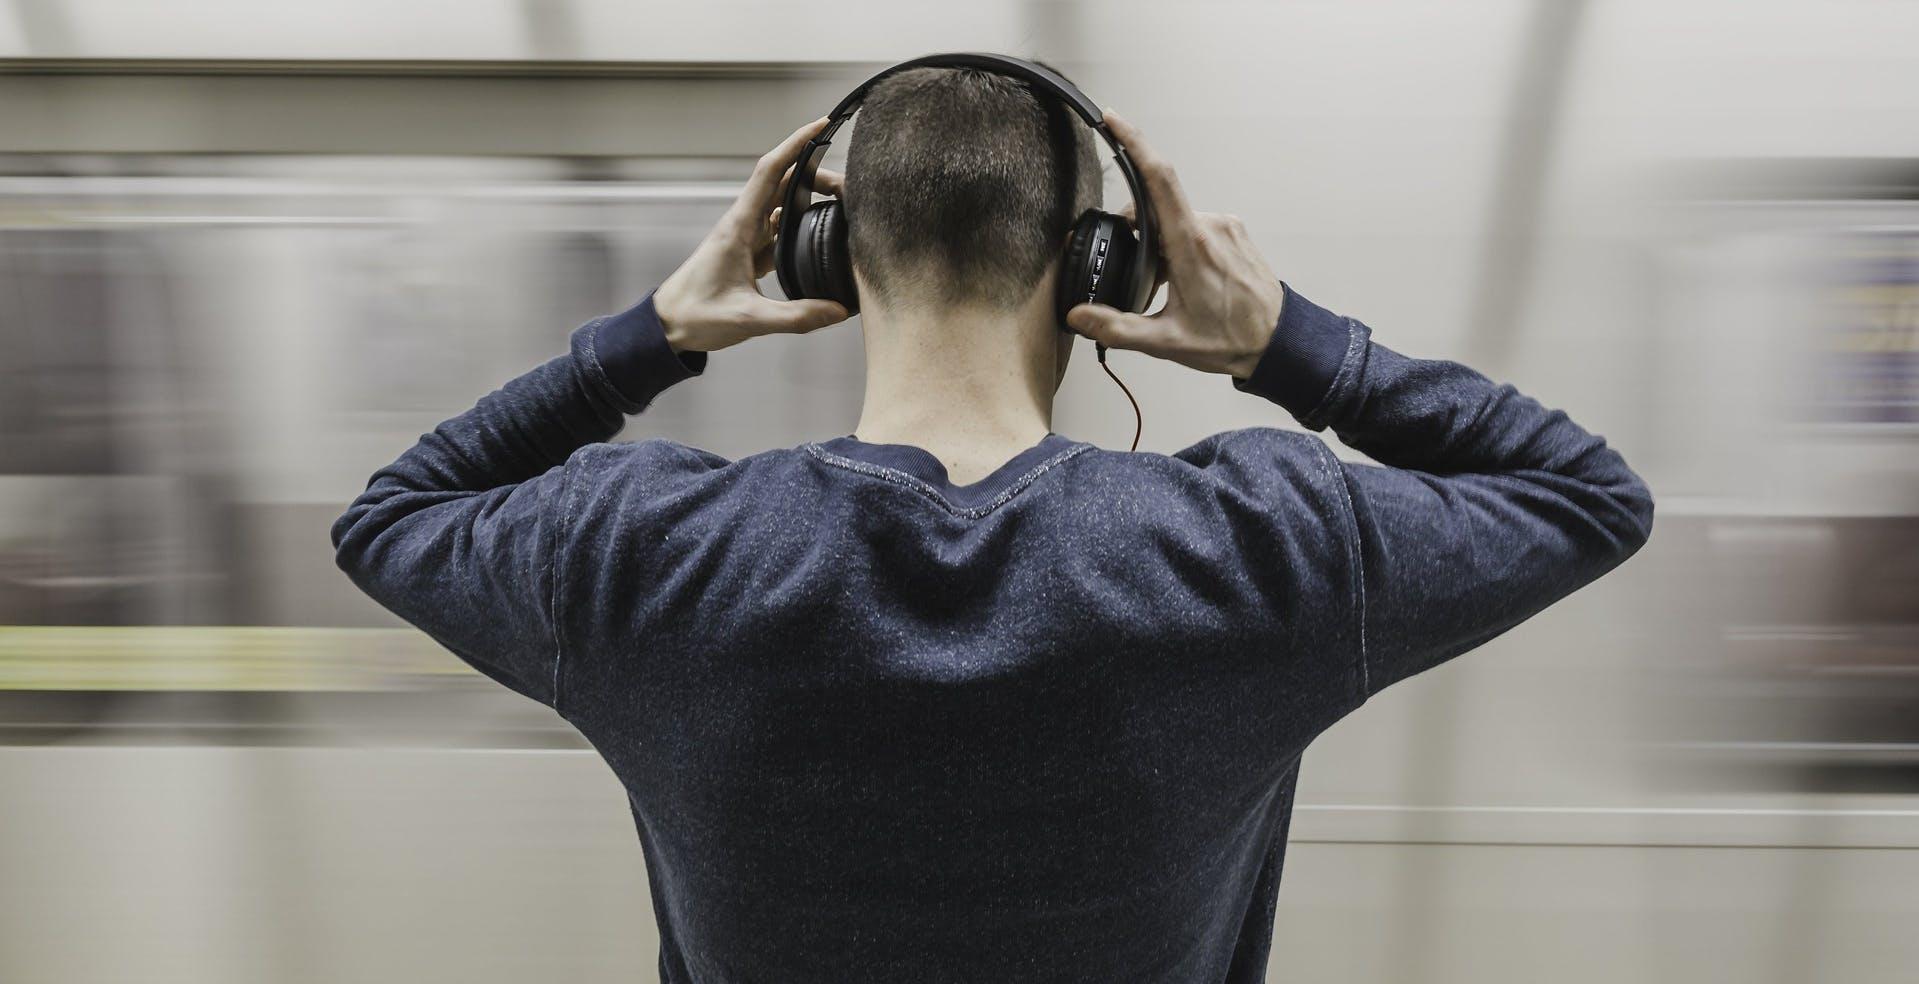 L'82% degli artisti britannici guadagna con lo streaming solo 200£ all'anno. È polemica